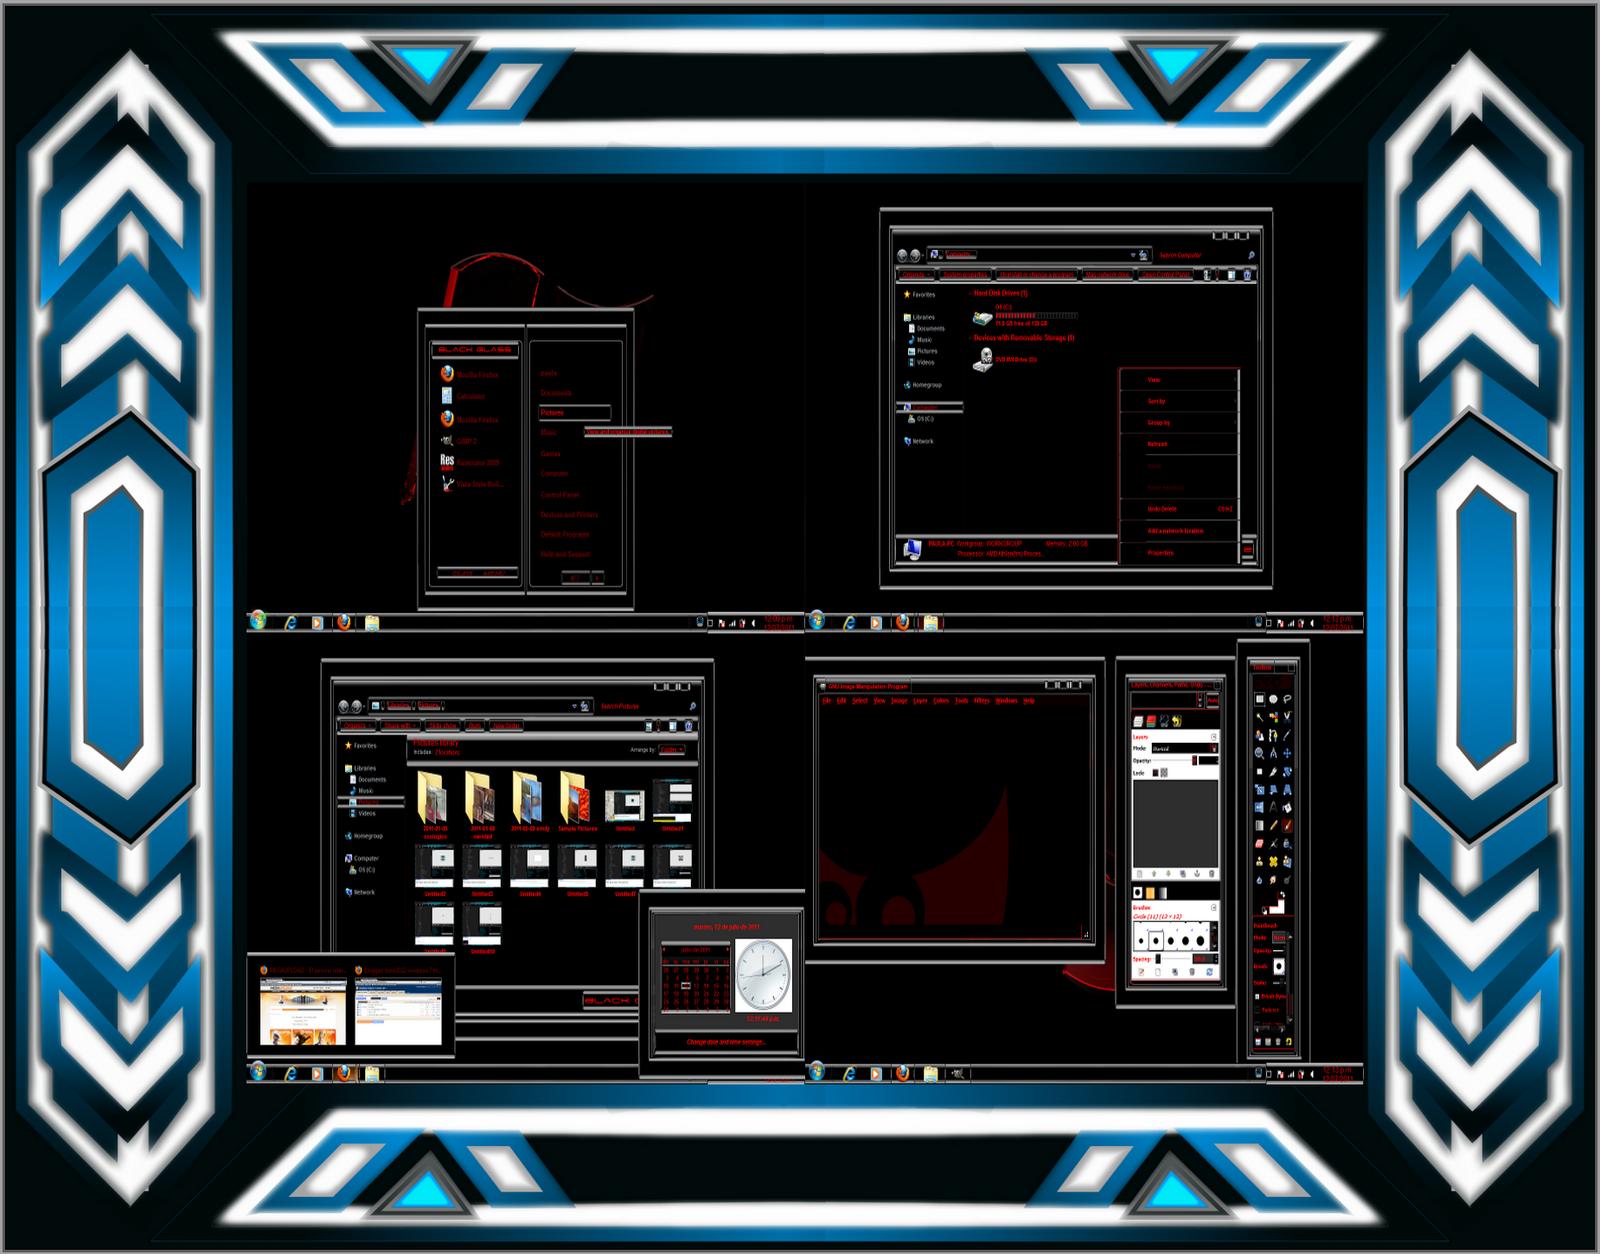 |Aporte| Temas Muy Buenos Para Windows 7